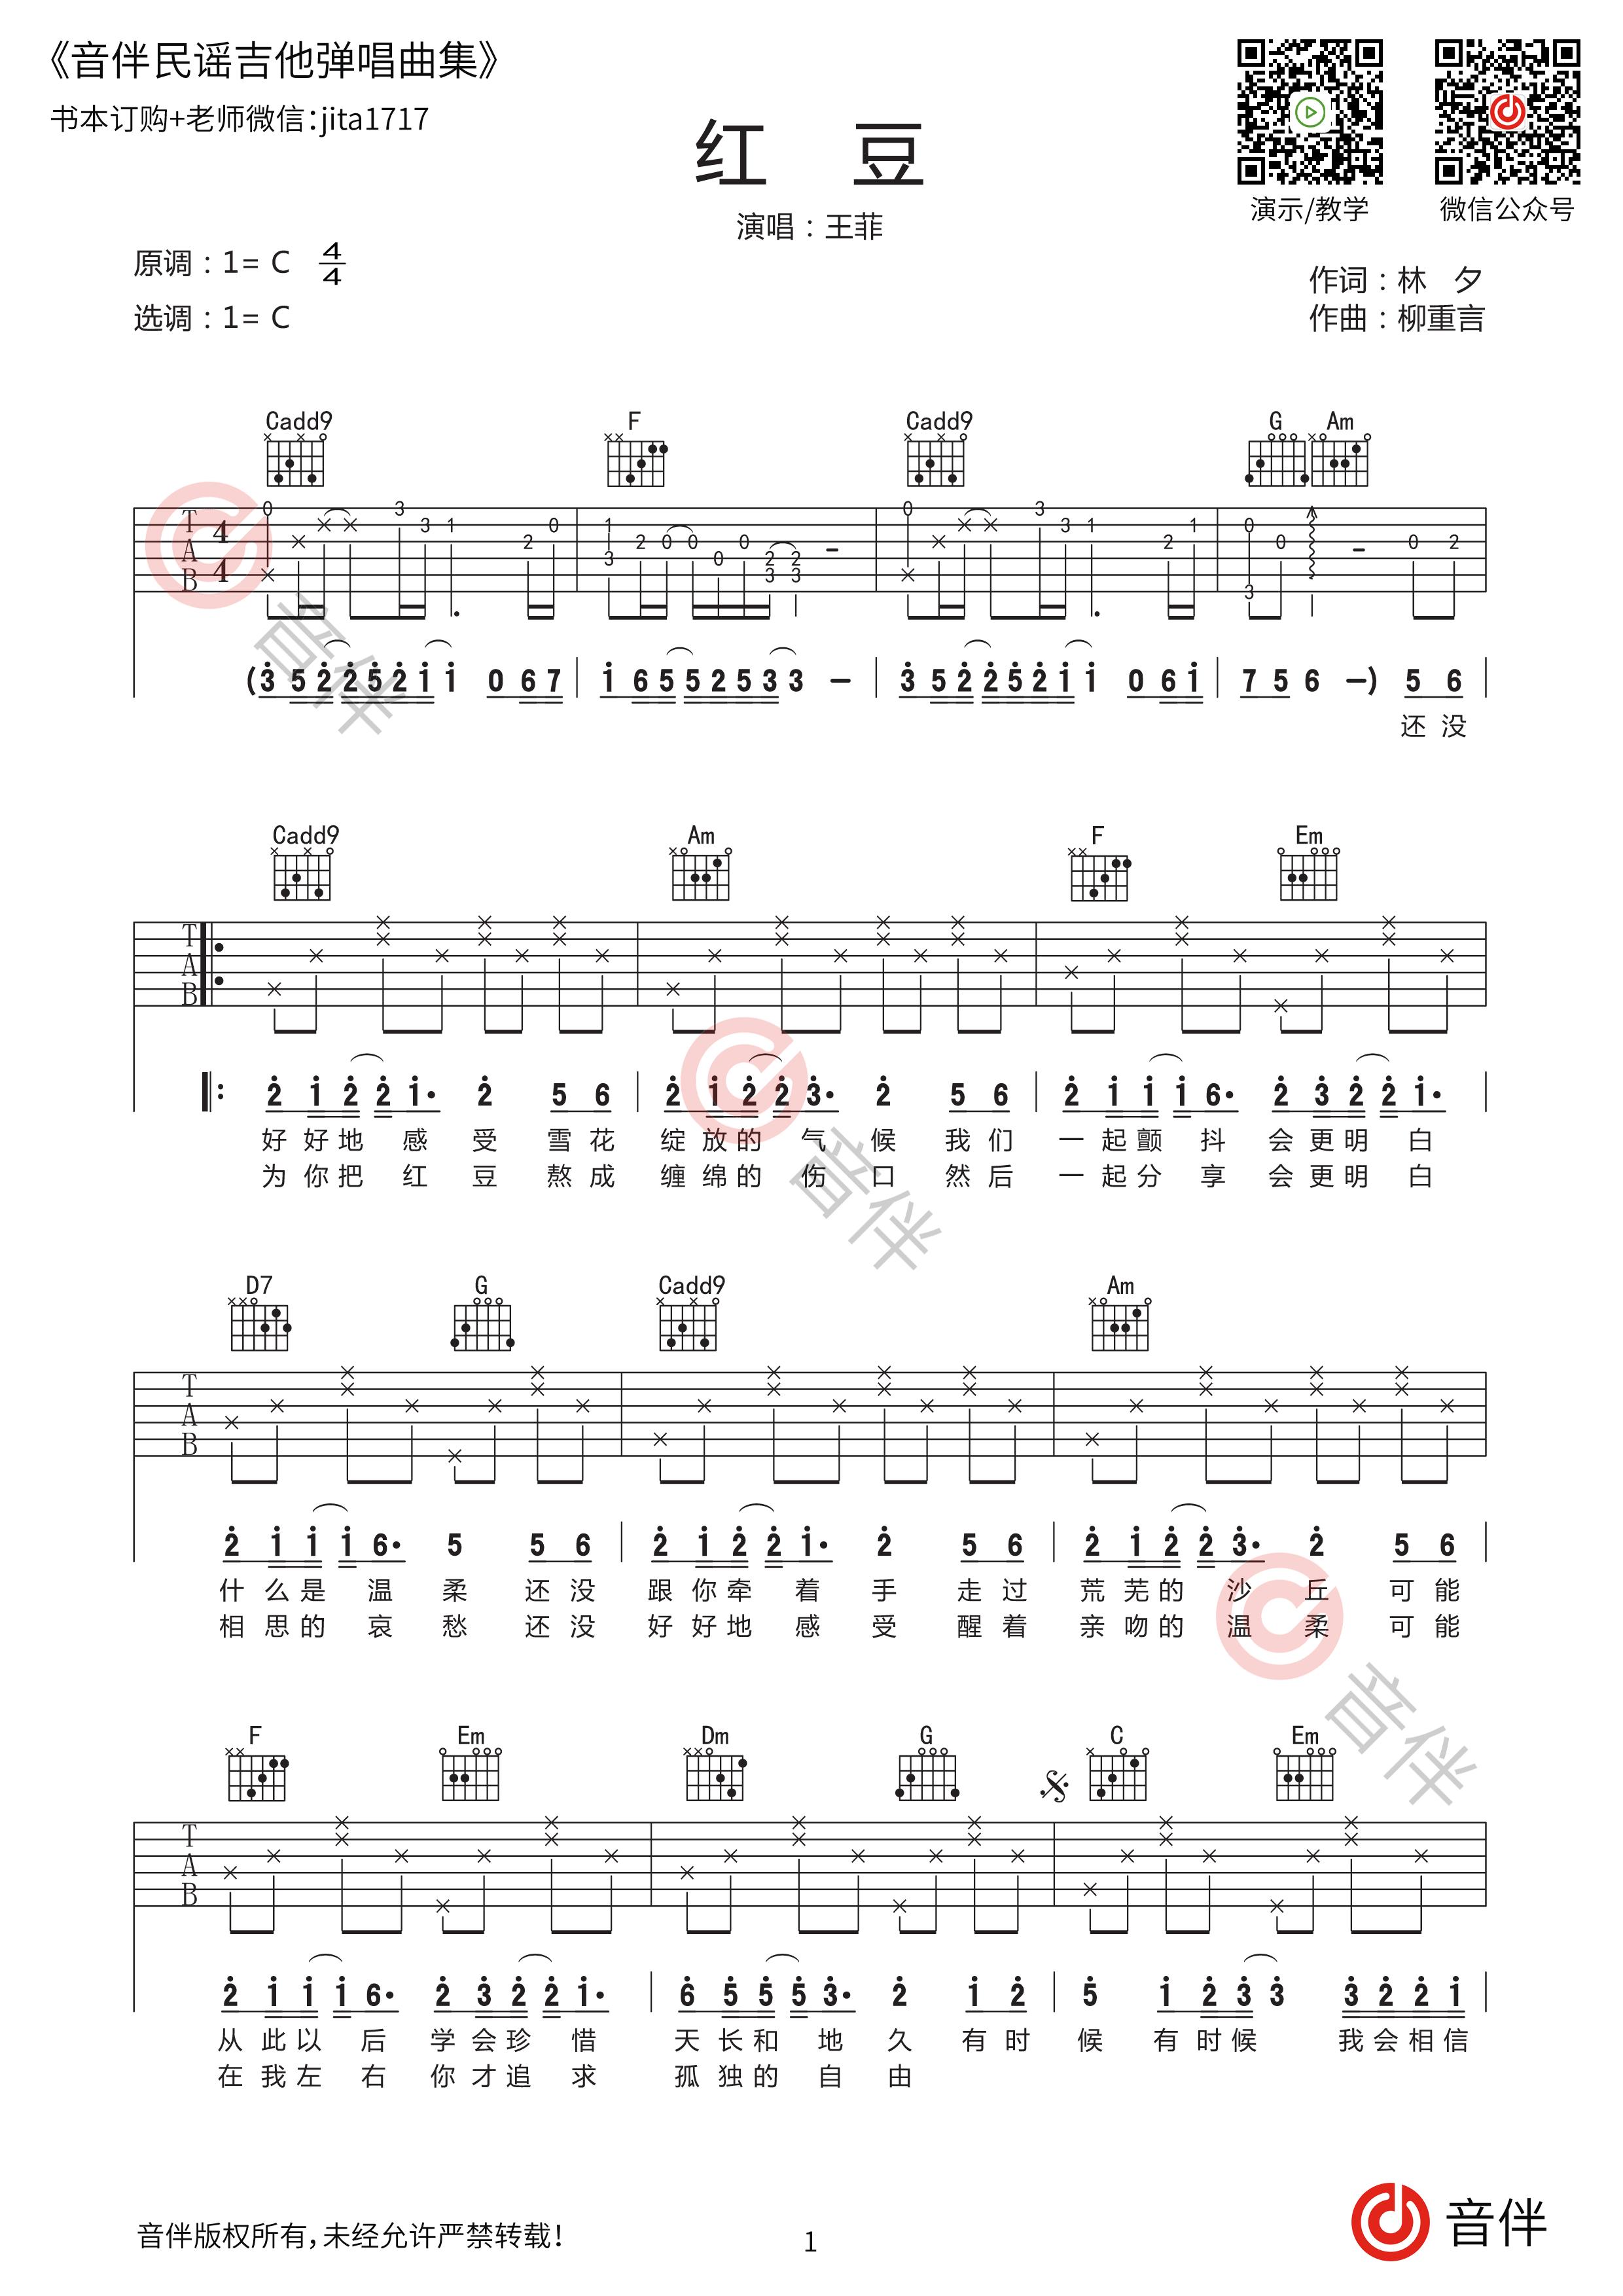 王菲 红豆吉他谱1